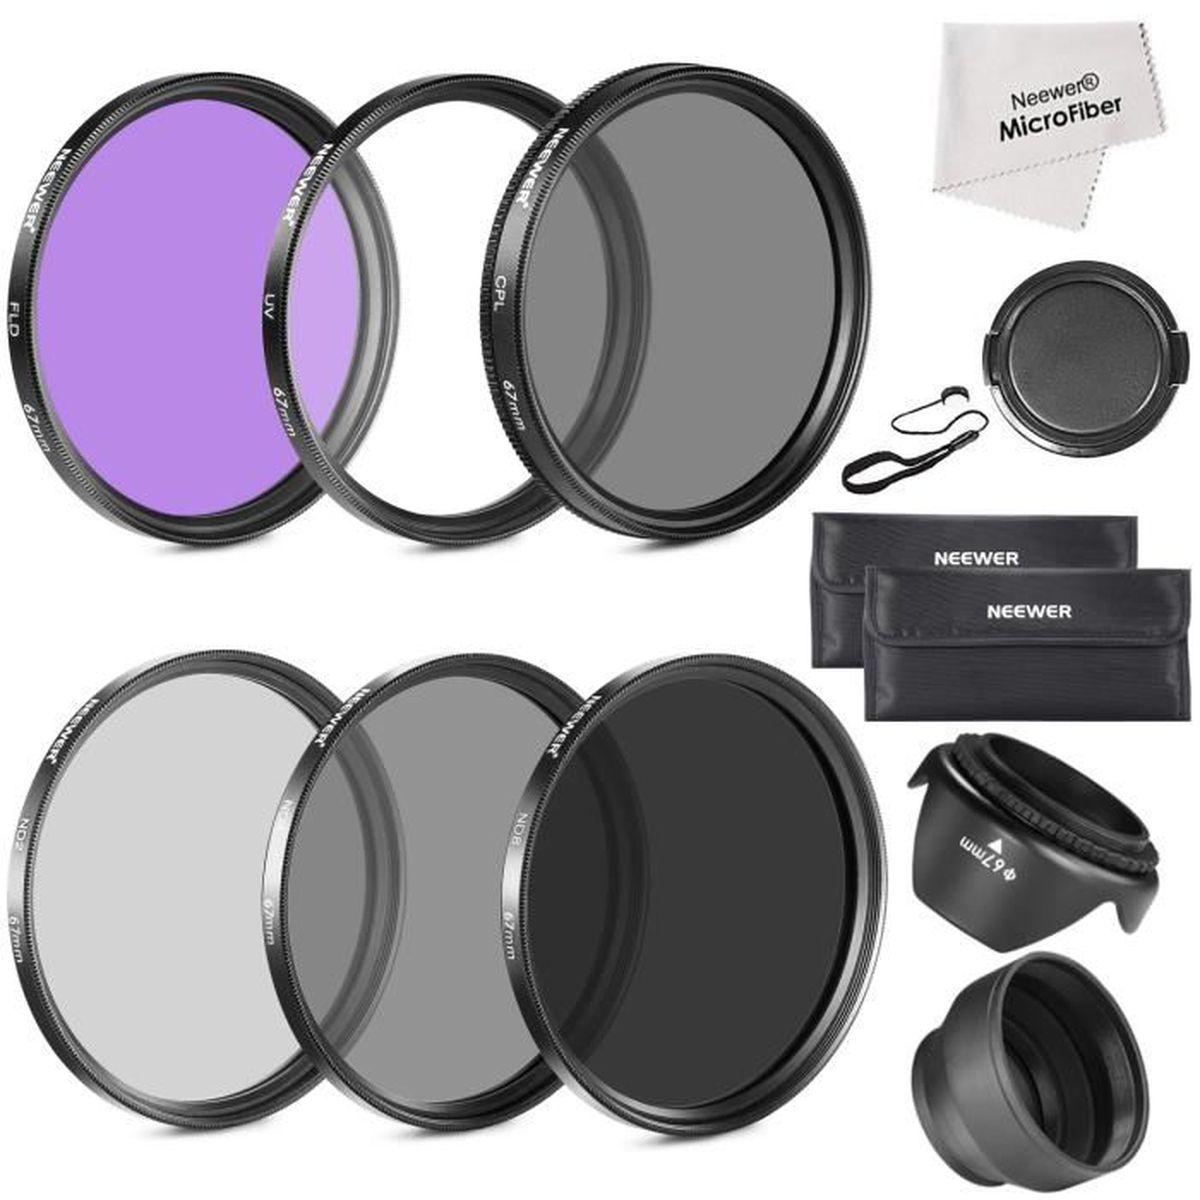 neewer 67mm kit de filtre d objectif accessoire pour canon eos appareils photo reflex achat. Black Bedroom Furniture Sets. Home Design Ideas